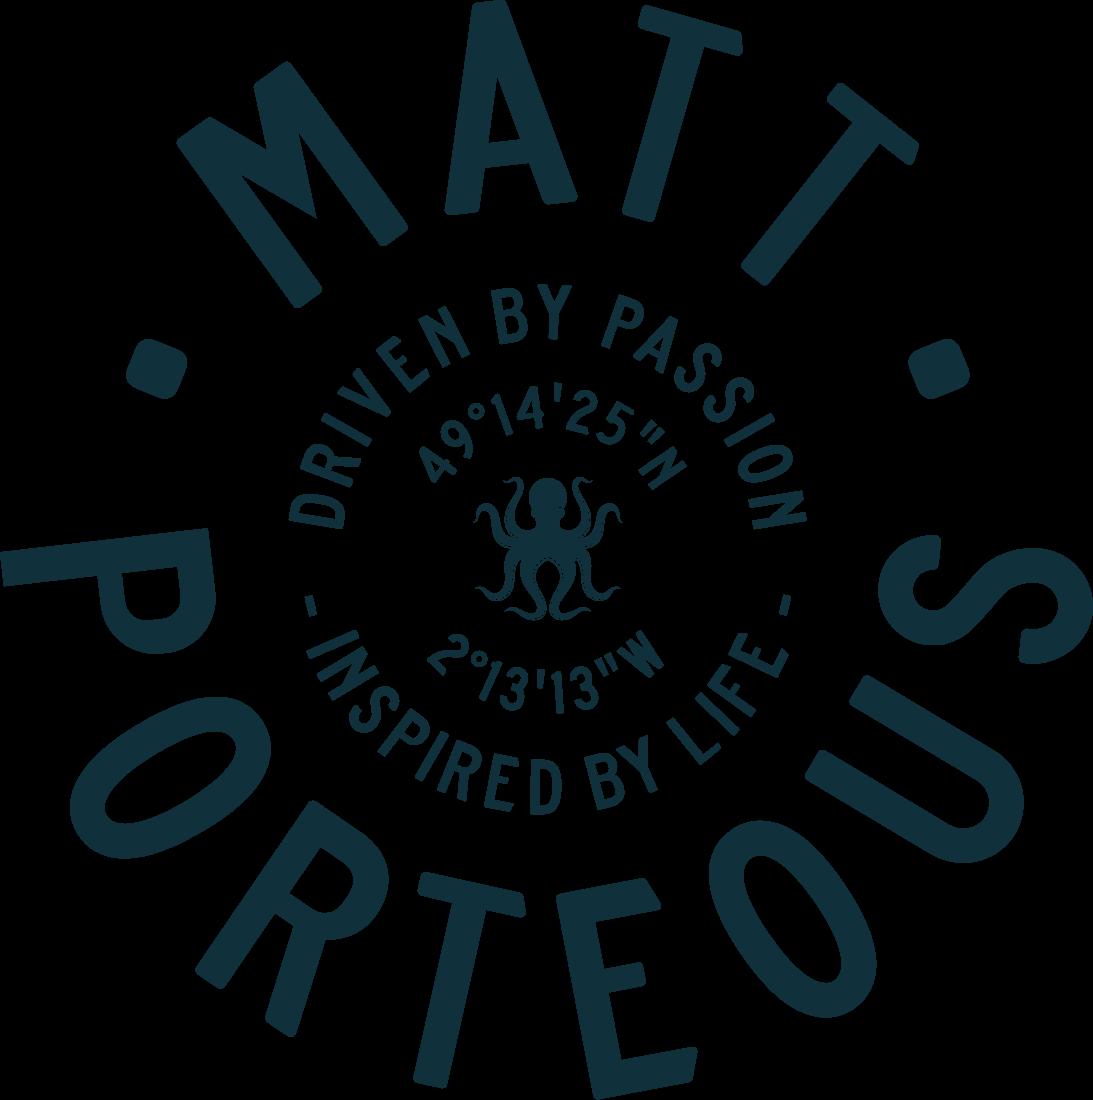 Matt Porteous